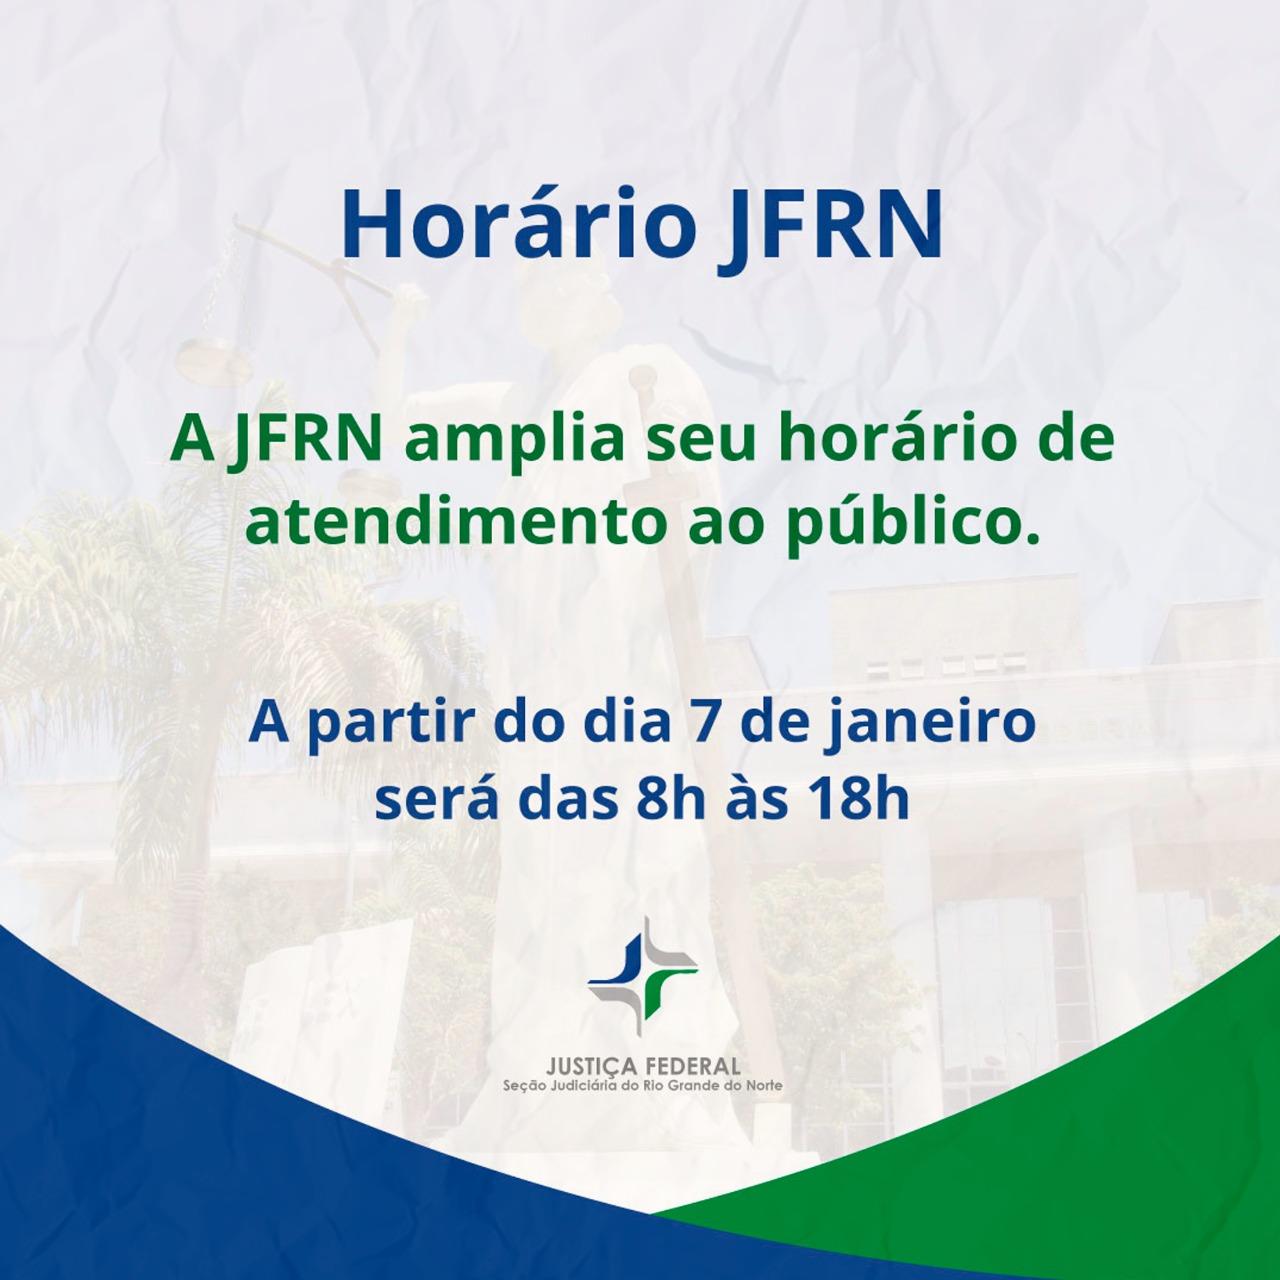 JFRN amplia seu horário de atendimento ao público